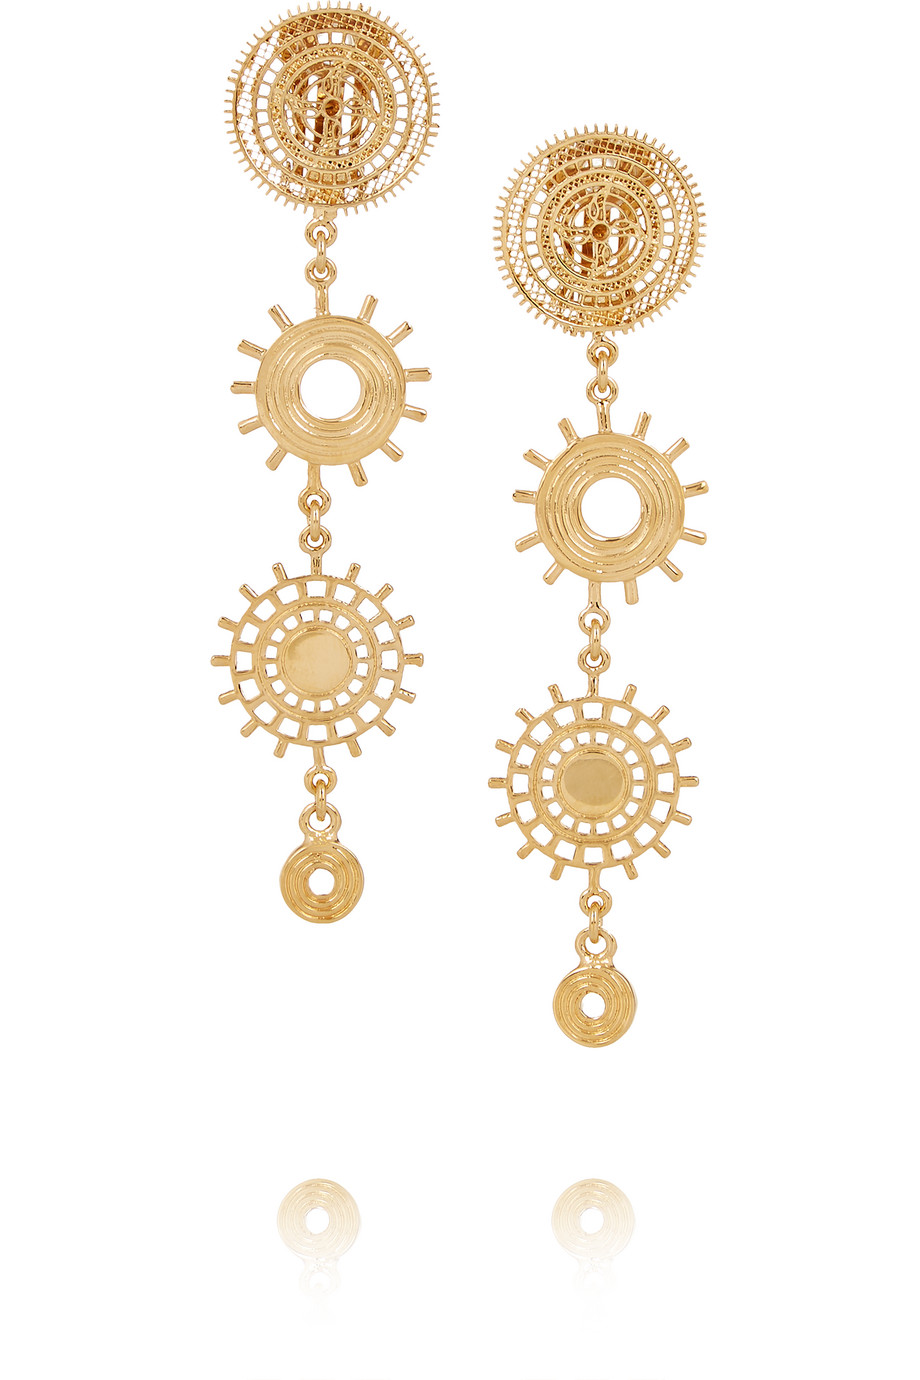 Chloé Isaure Gold-Tone Clip Earrings, Women's